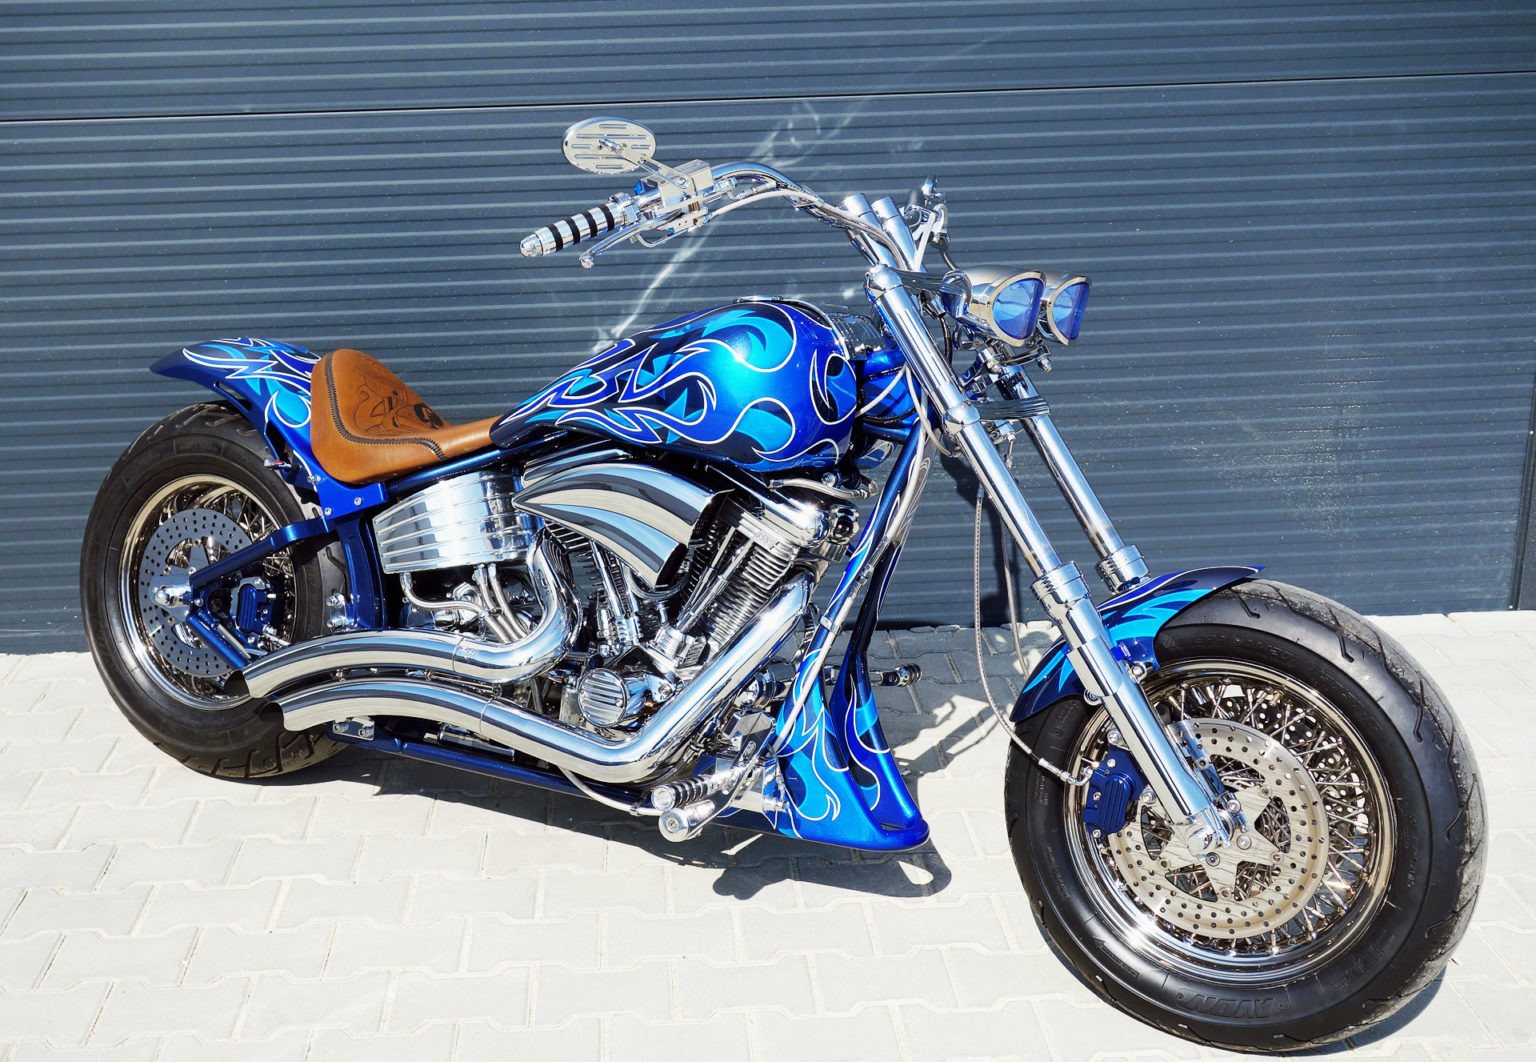 Airbrush Motorrad